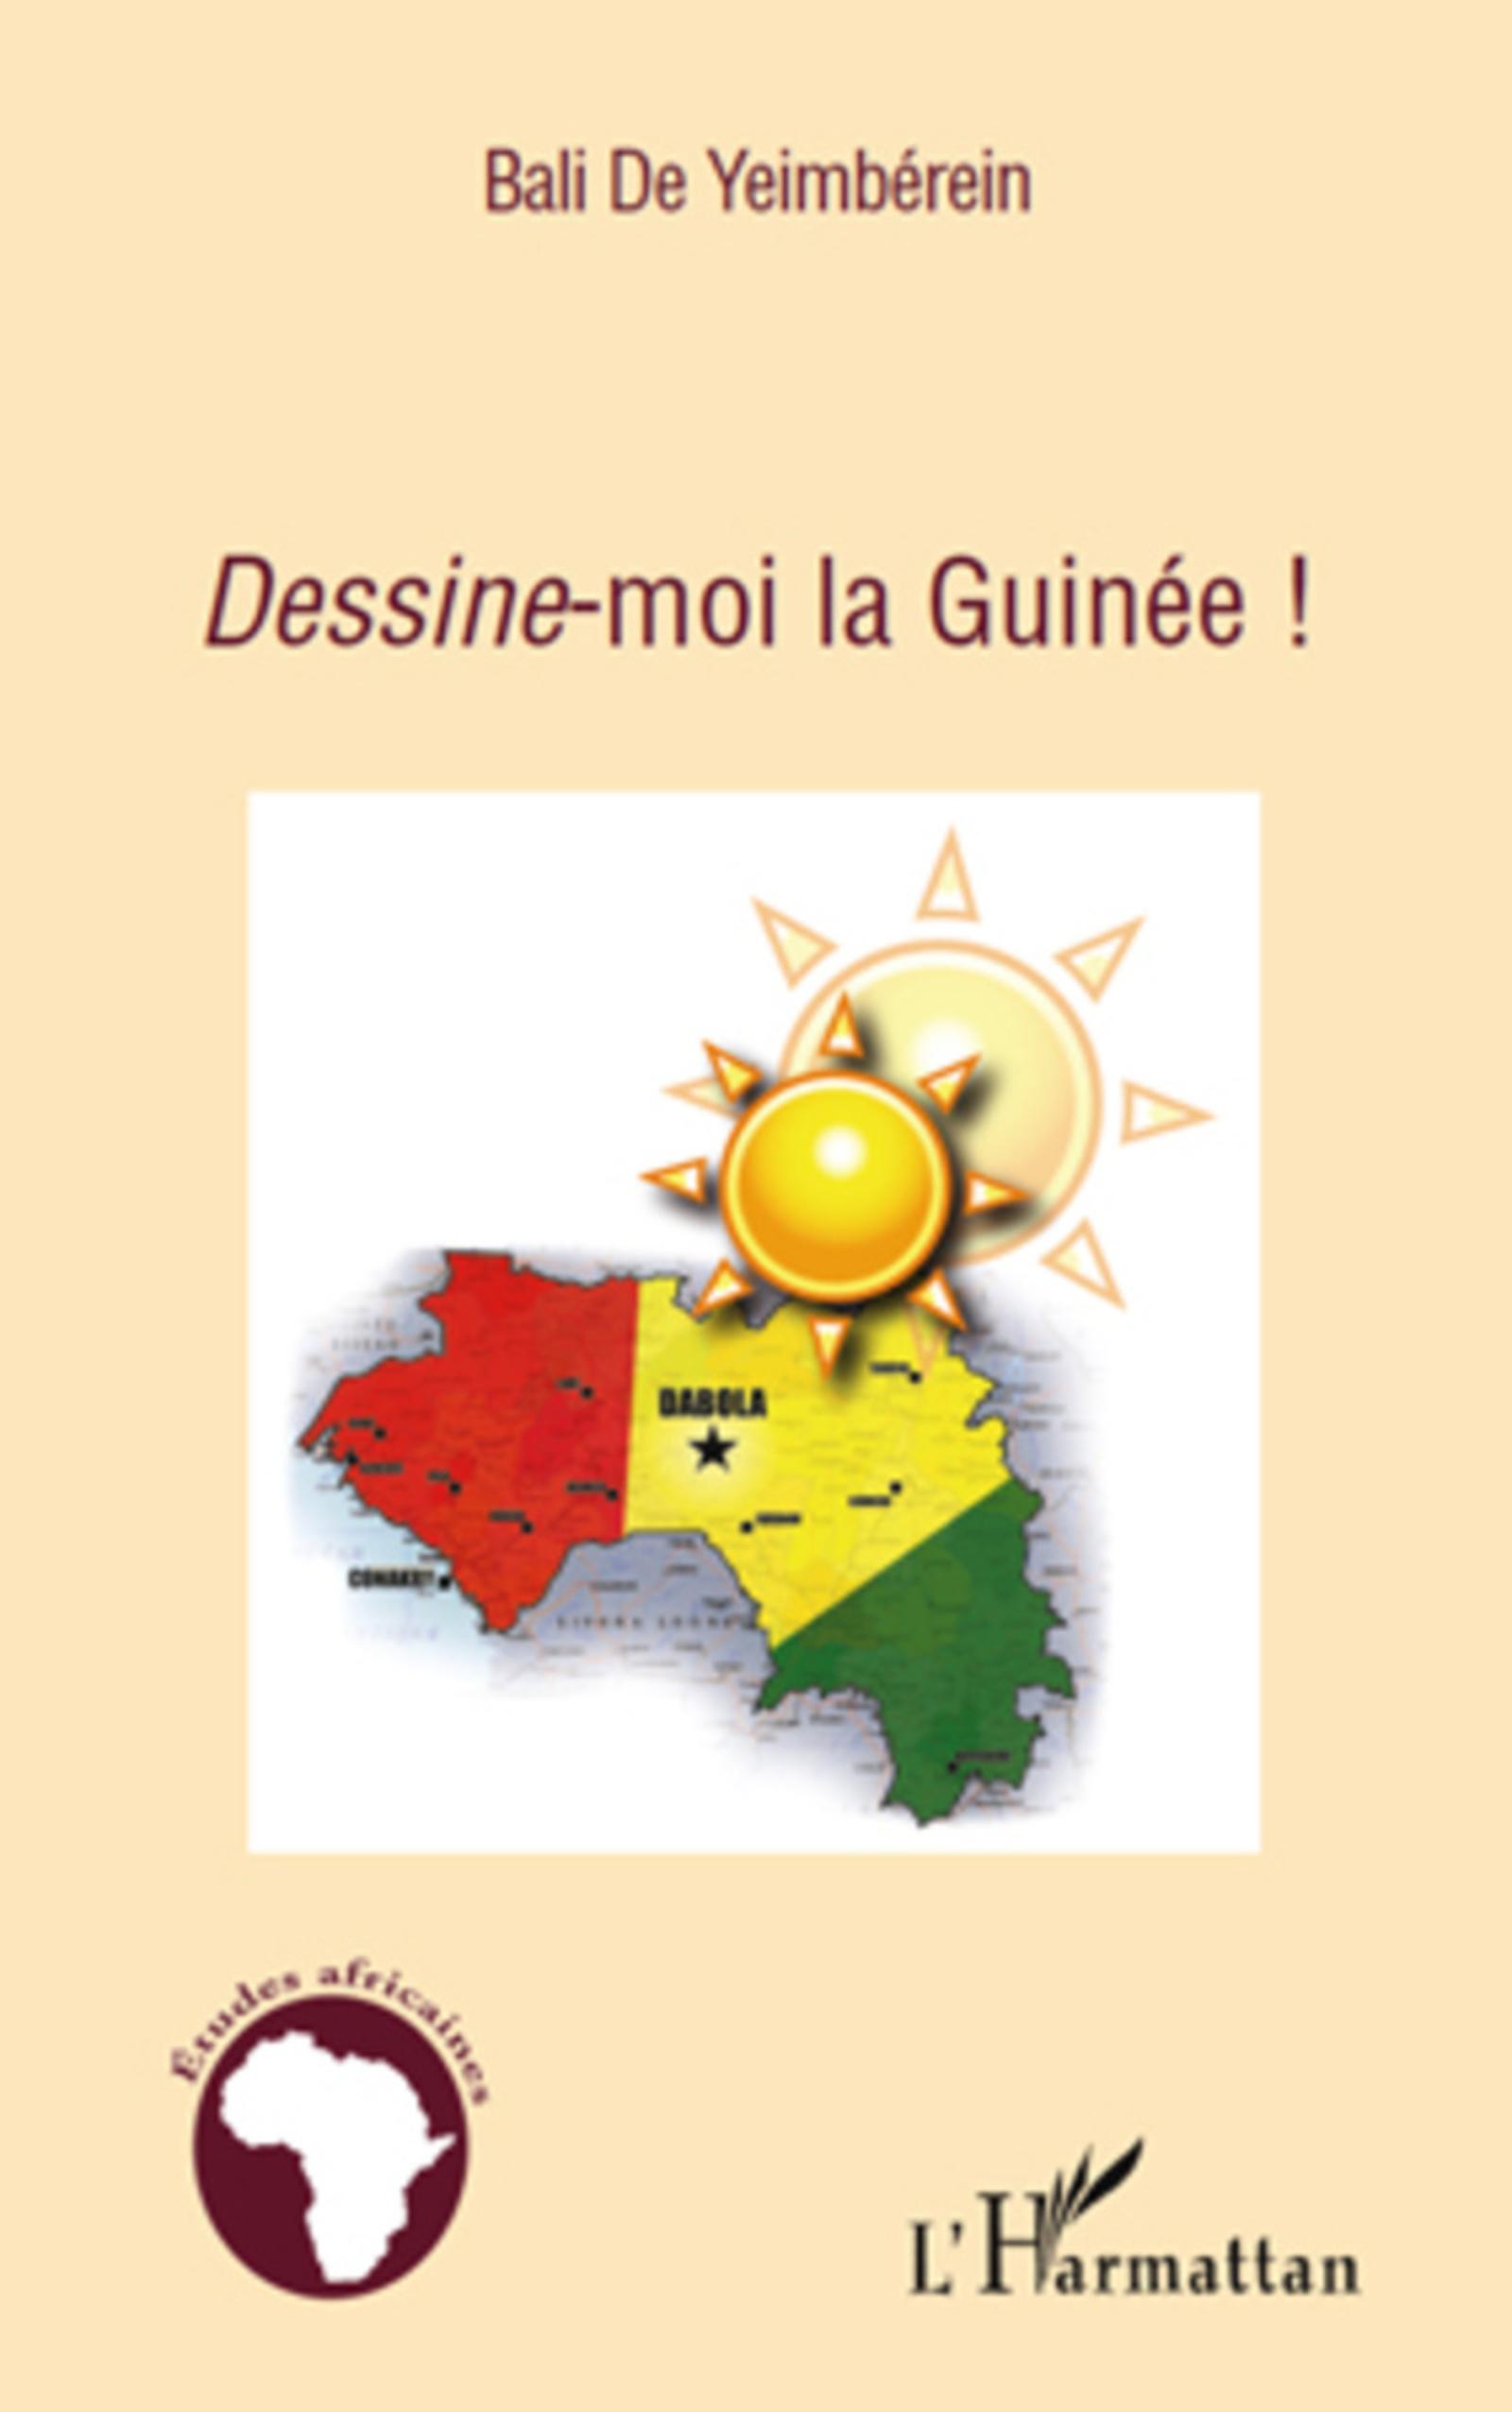 Dessine-moi la Guinée ! (Etudes africaines) (French Edition)